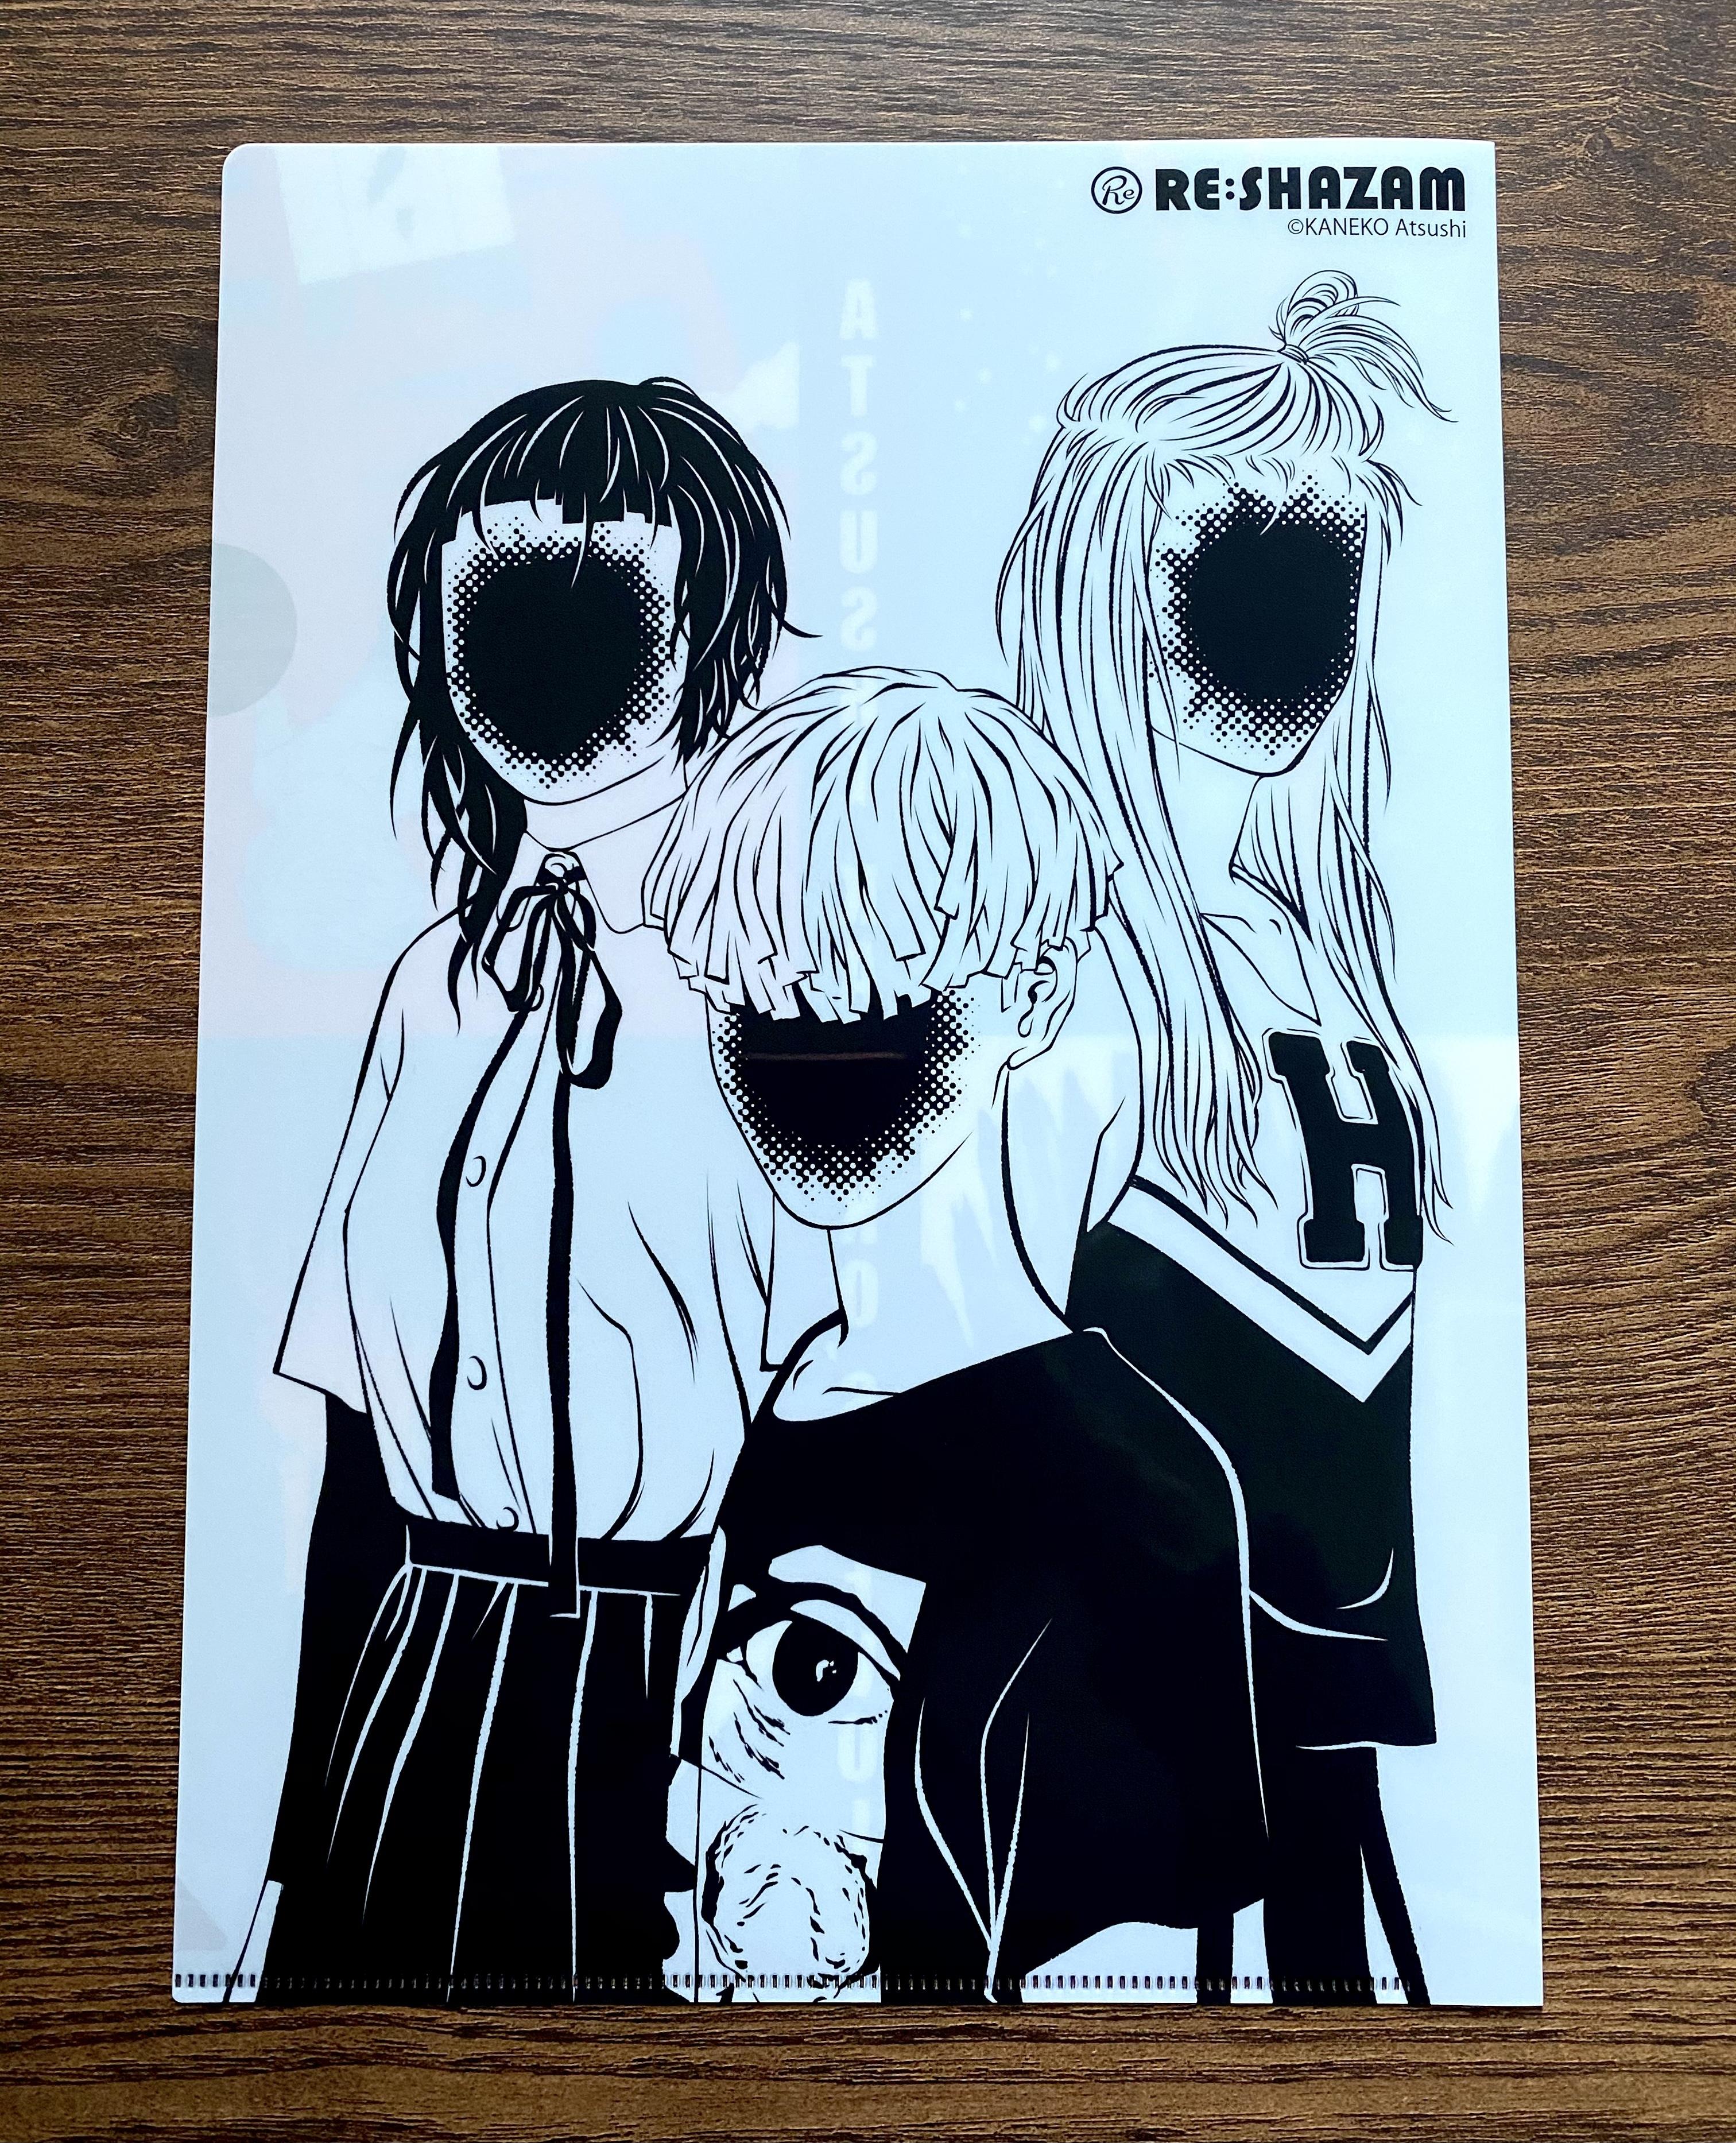 【カネコアツシ】A4クリアファイル3種セット(内1種 描き下ろしイラスト)